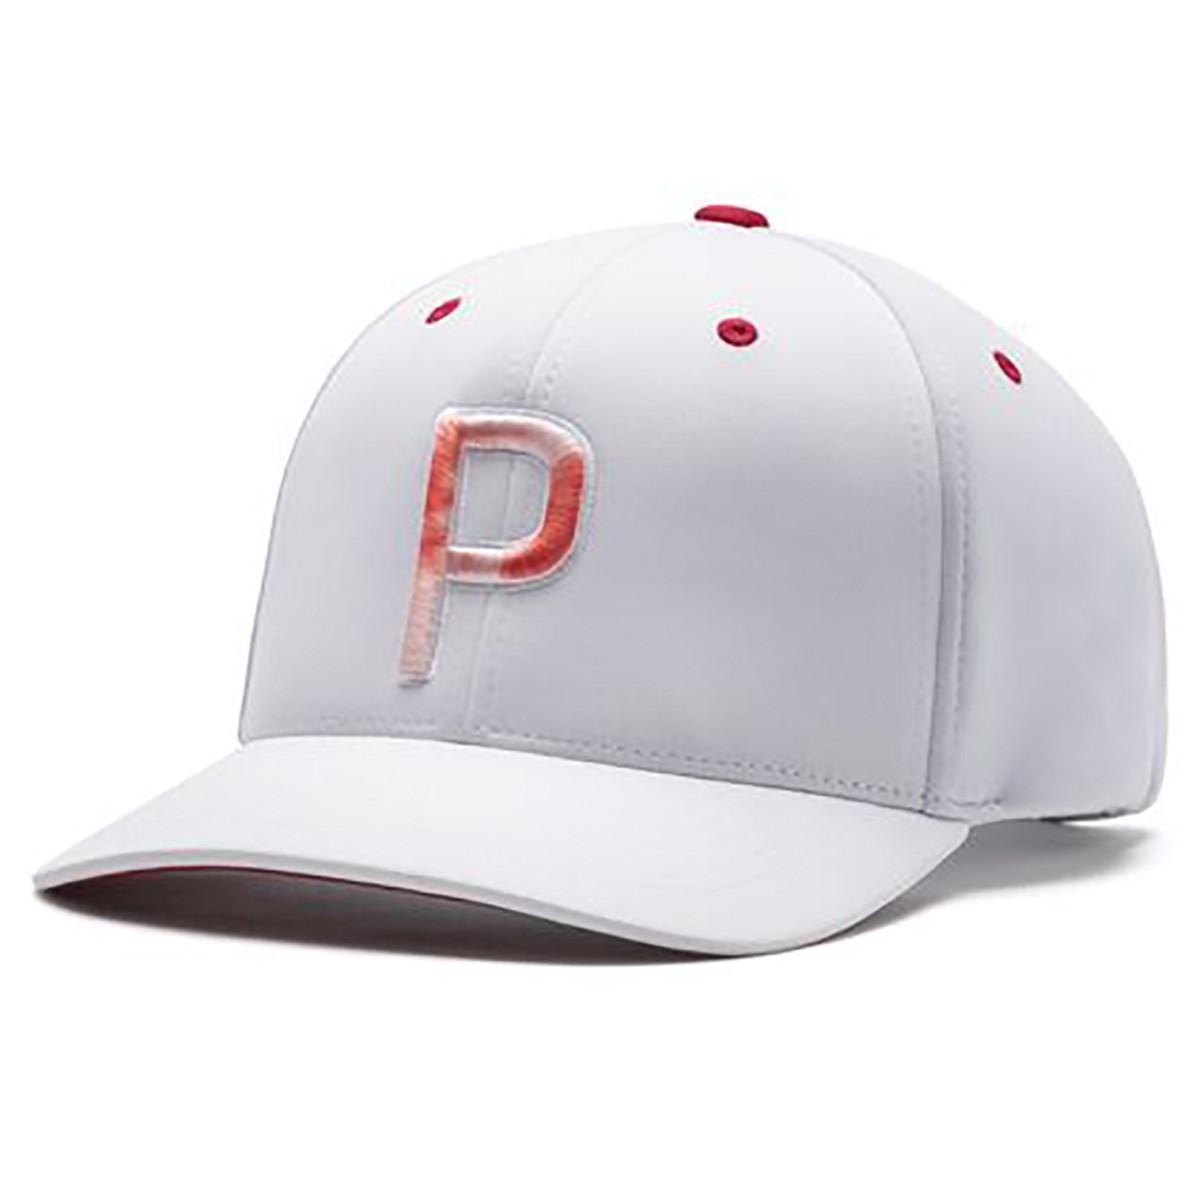 プーマ(PUMA) Love P110 キャップ